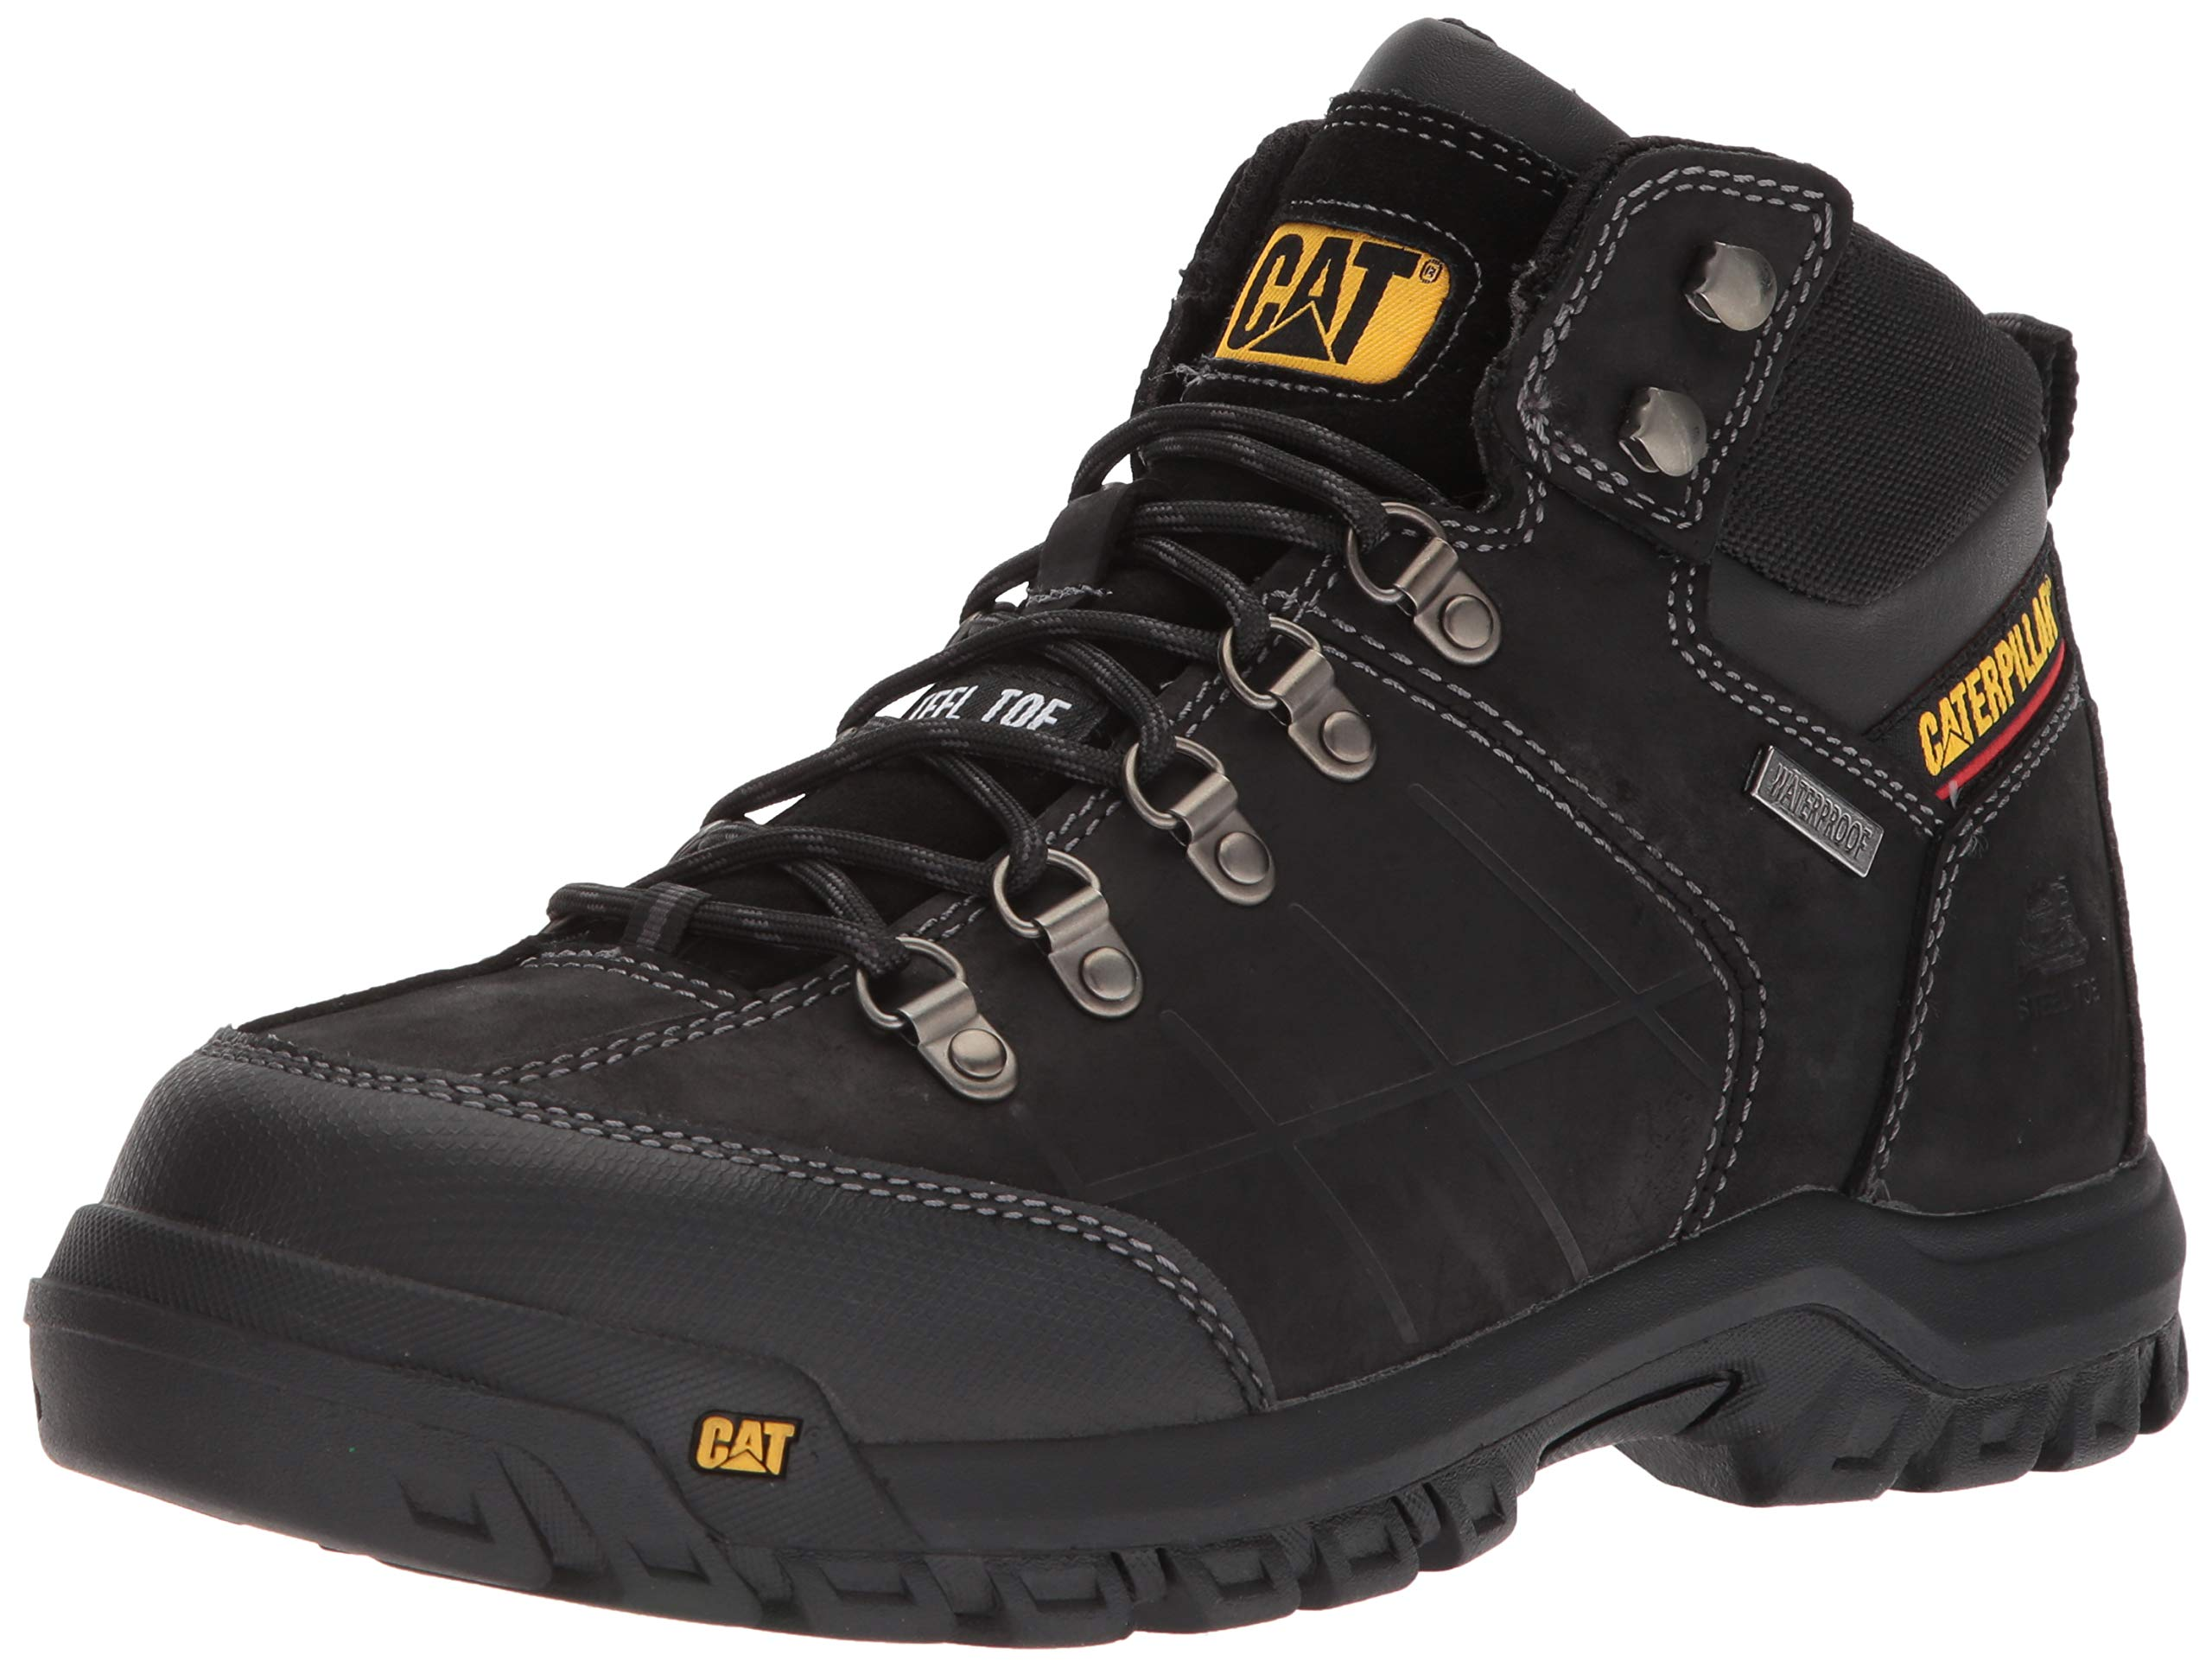 Caterpillar Men's Threshold Waterproof Steel Toe Industrial Boot, Black, 10.5 W US